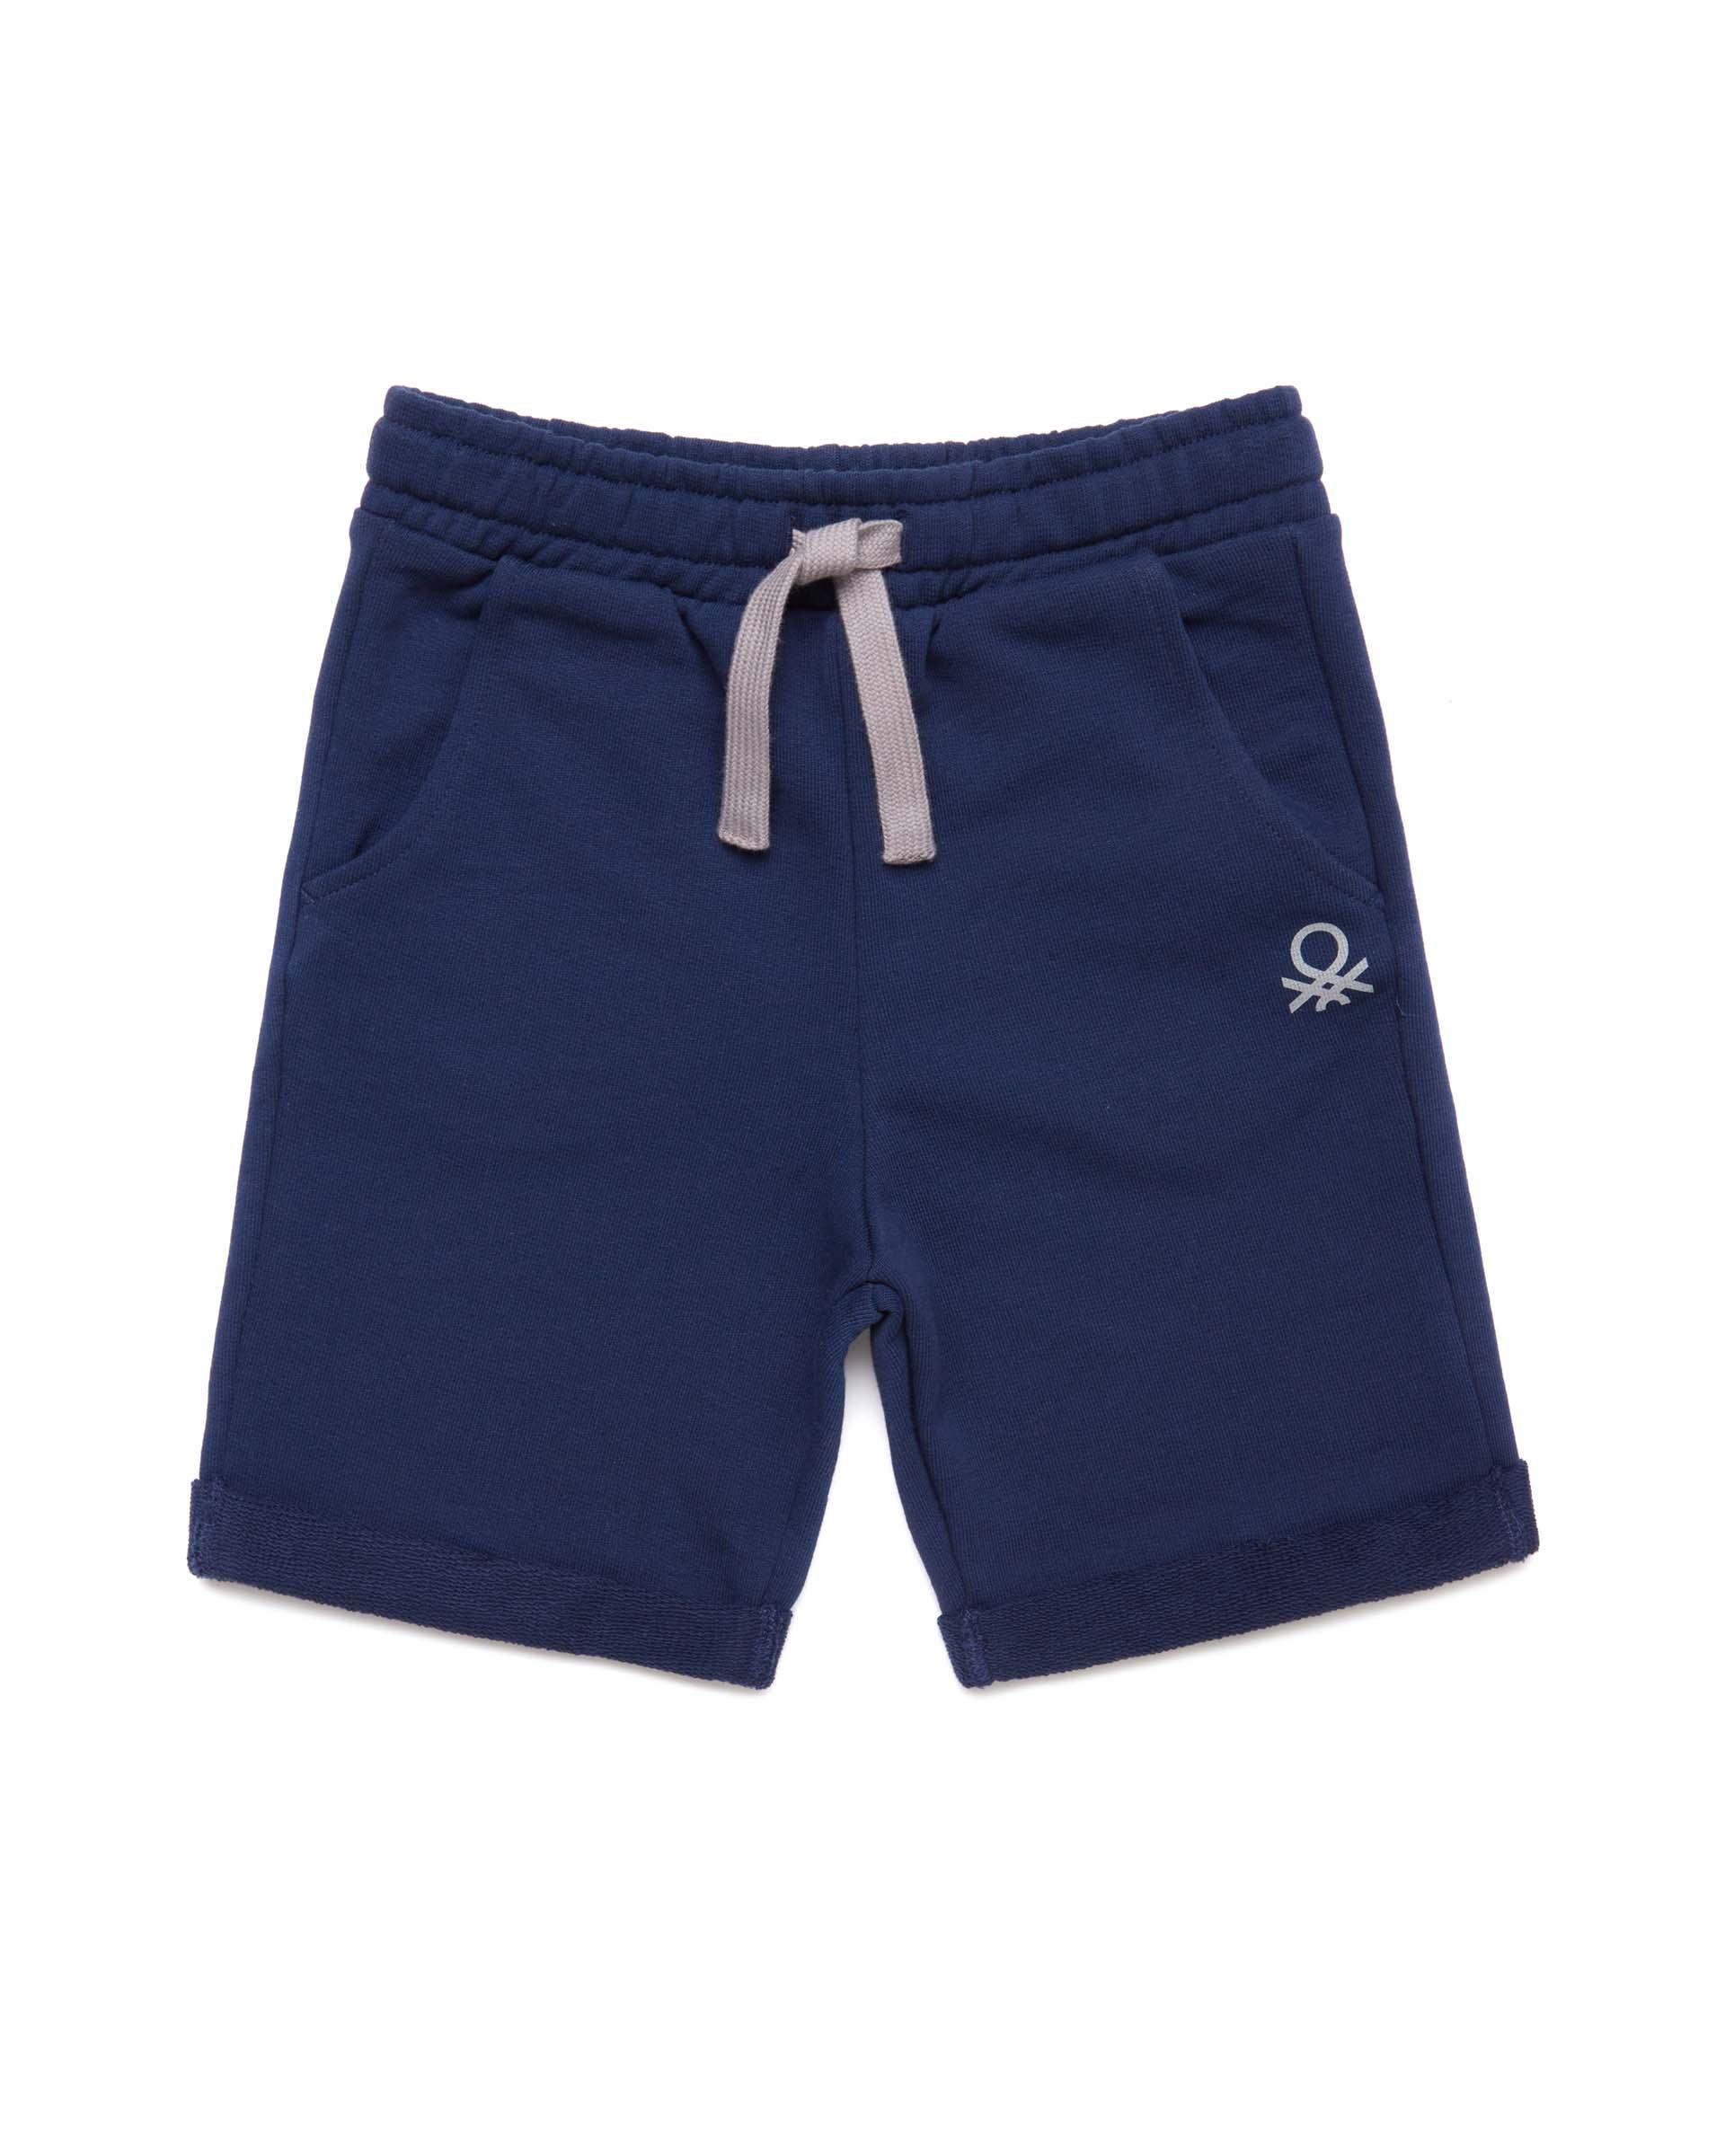 Купить 20P_3J68I0638_252, Спортивные шорты для мальчиков Benetton 3J68I0638_252 р-р 140, United Colors of Benetton, Шорты для мальчиков